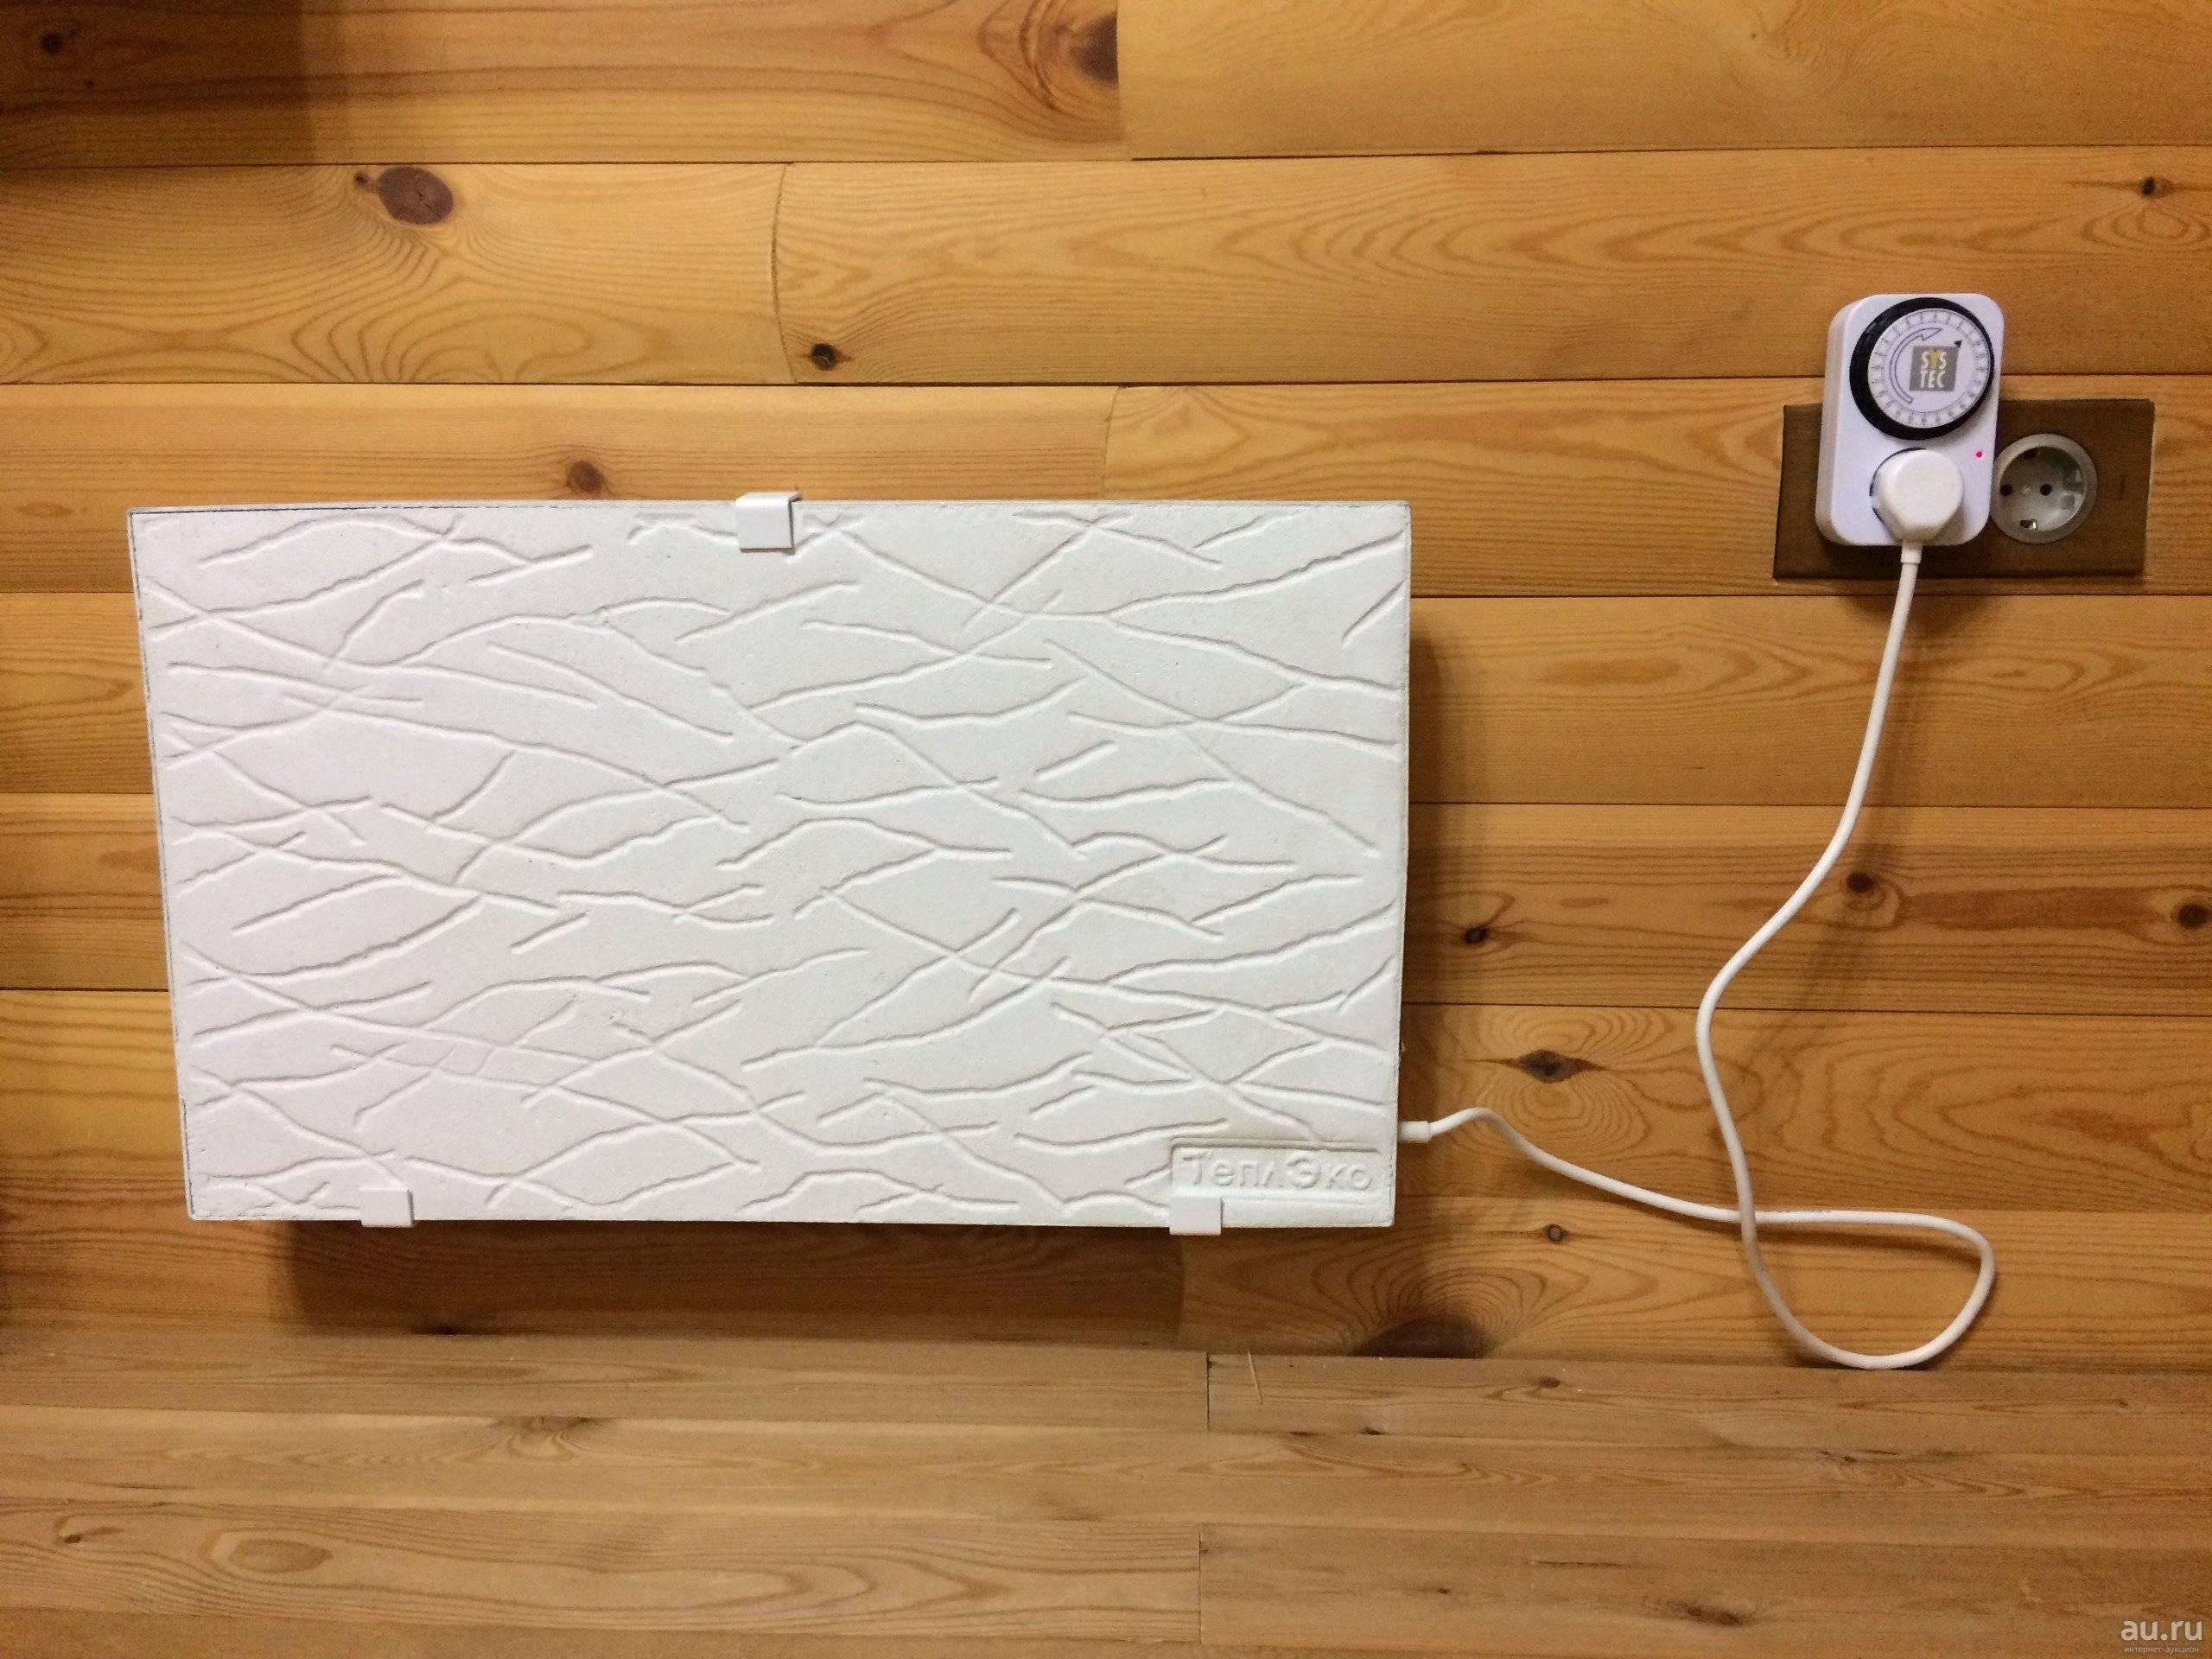 Настенные энергосберегающие обогреватели для дома: виды и выбор